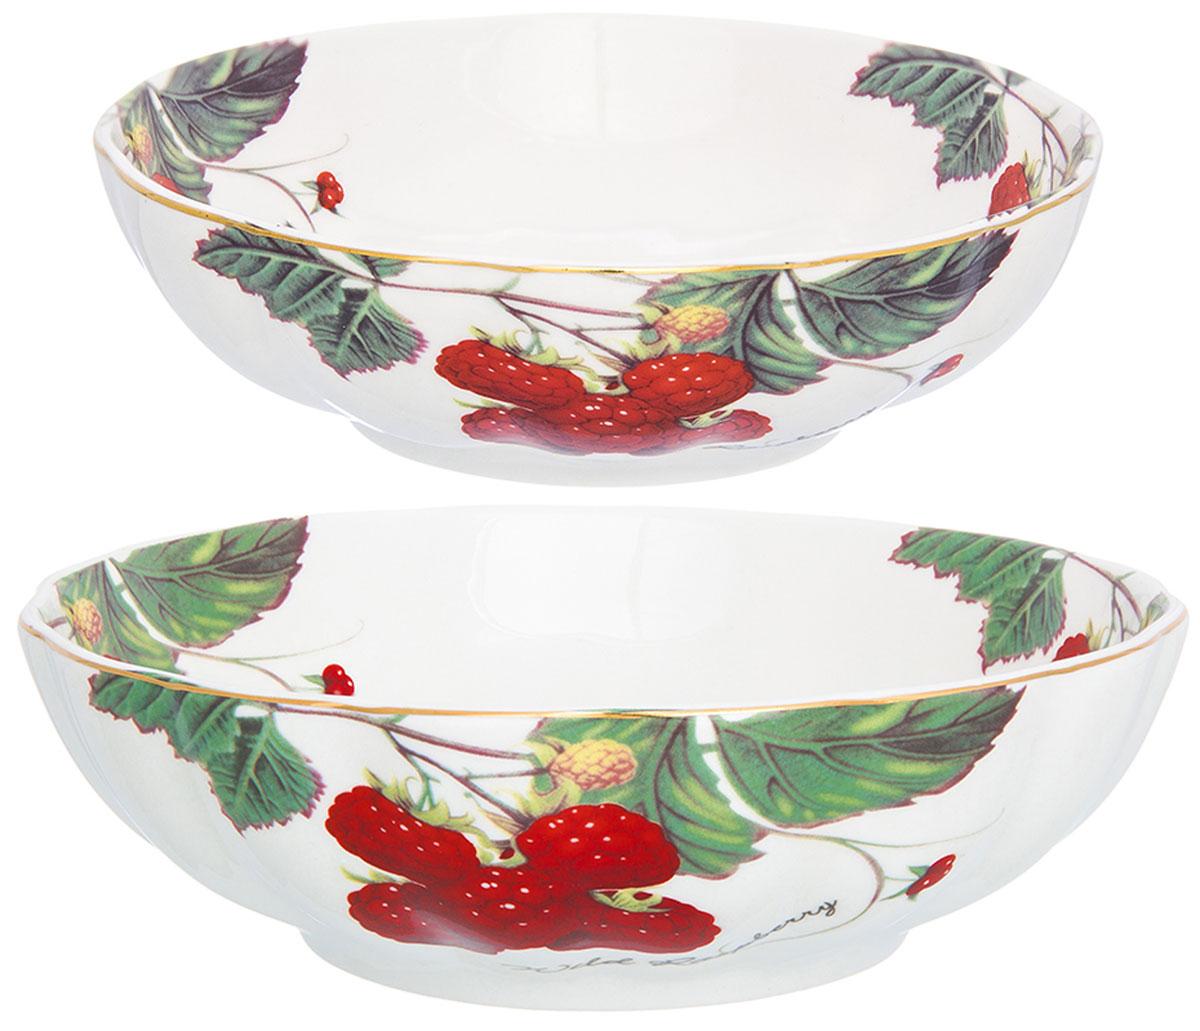 """Набор салатников серии """"Ягода - малина"""" выполнен из высококачественного фарфора и состоит из двух предметов. Объем салатников 500 мл и 900 мл. Салатники прекрасно подходят для сервировки любых блюд. А также могут быть использованы для подачи супов. Салатники можно мытьё в посудомоечной машине и использовать в микроволновой печи."""